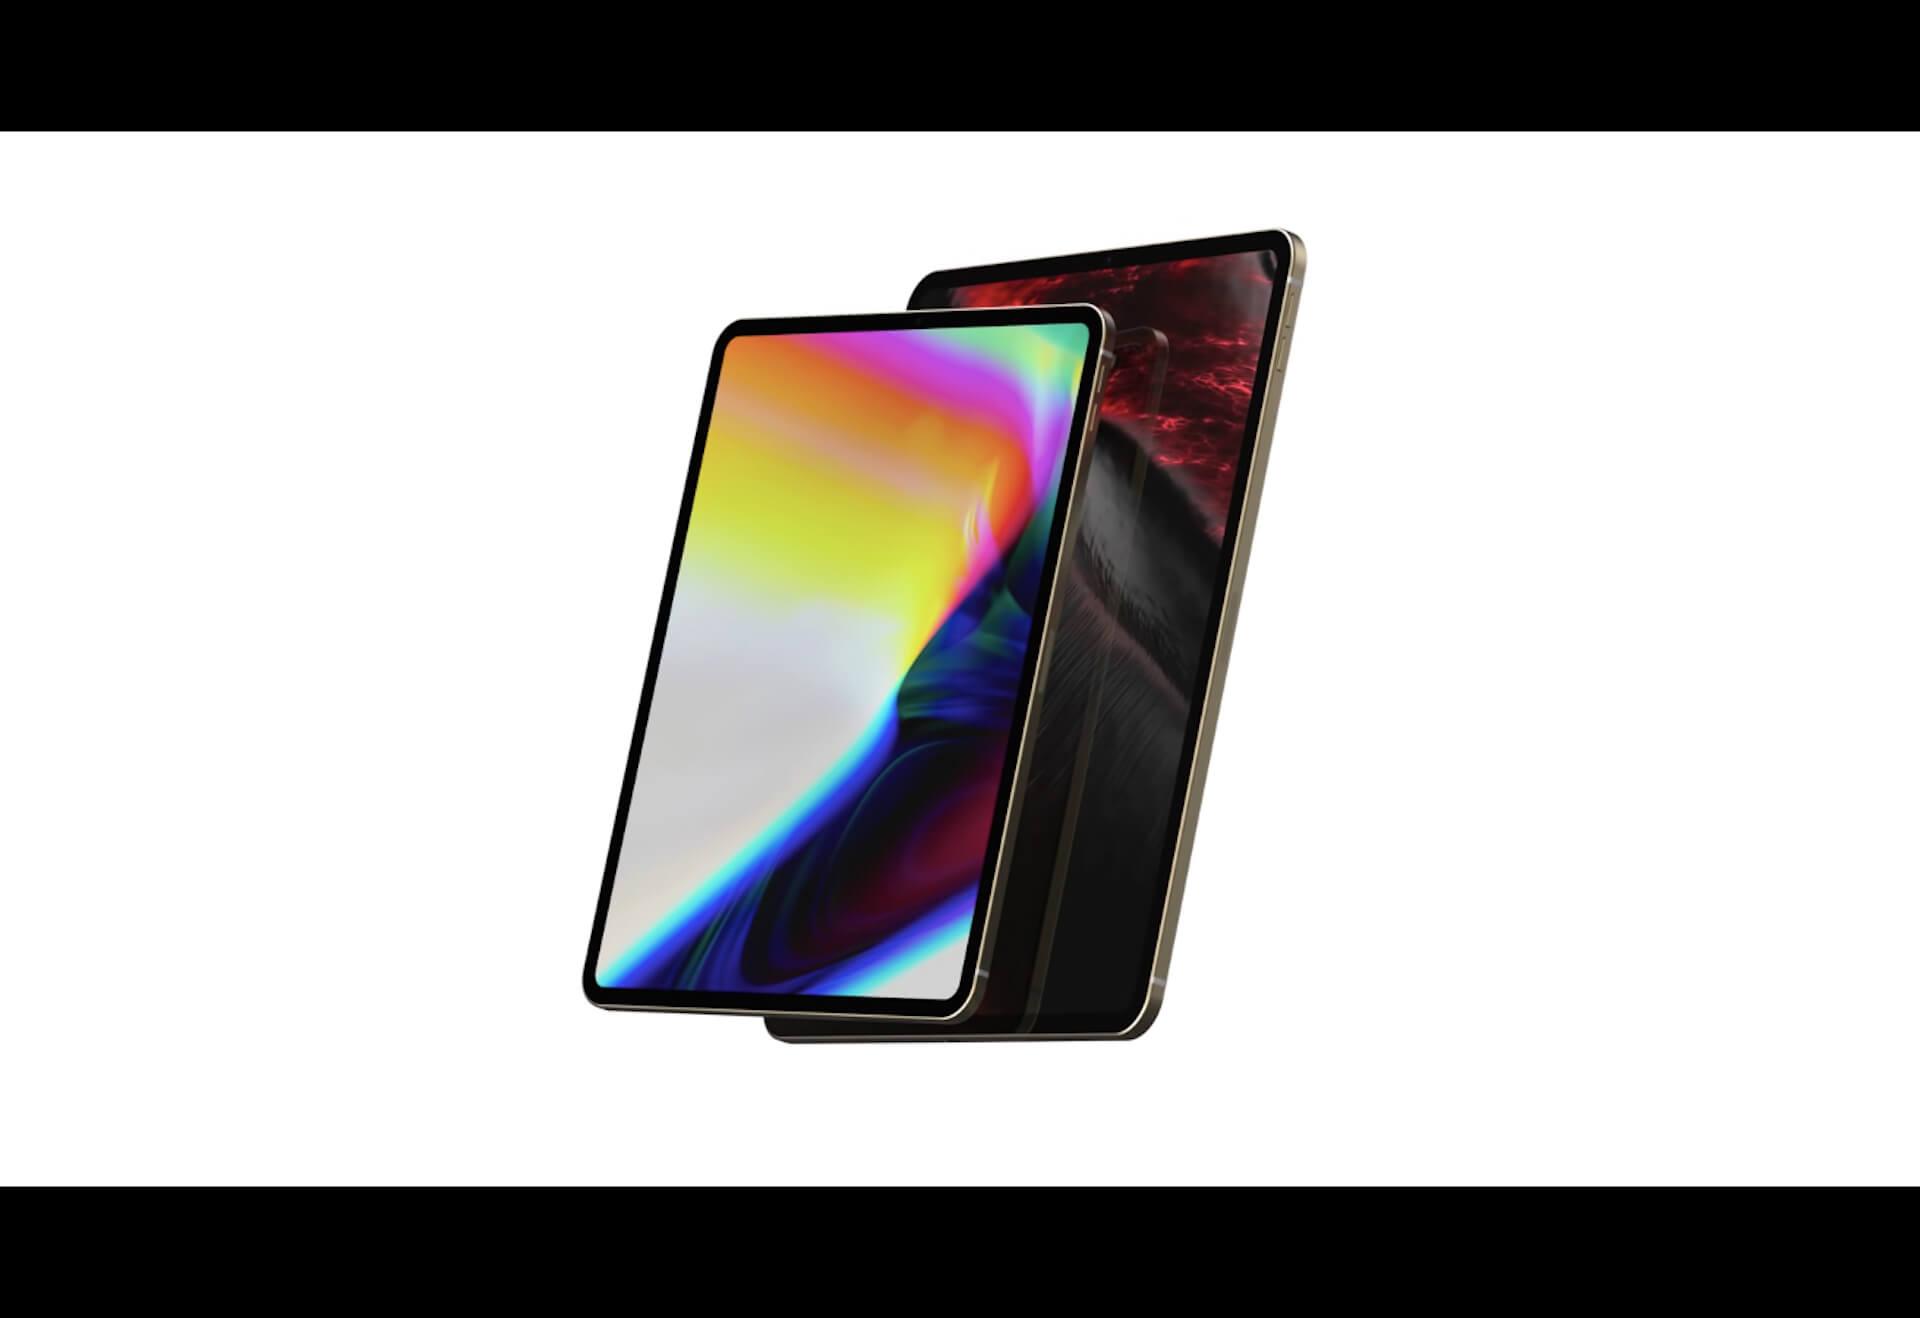 来年発表の新型iPad miniはベゼルレスな8.9インチディスプレイに?コンセプトイメージが公開 tech200727_ipadmini_main